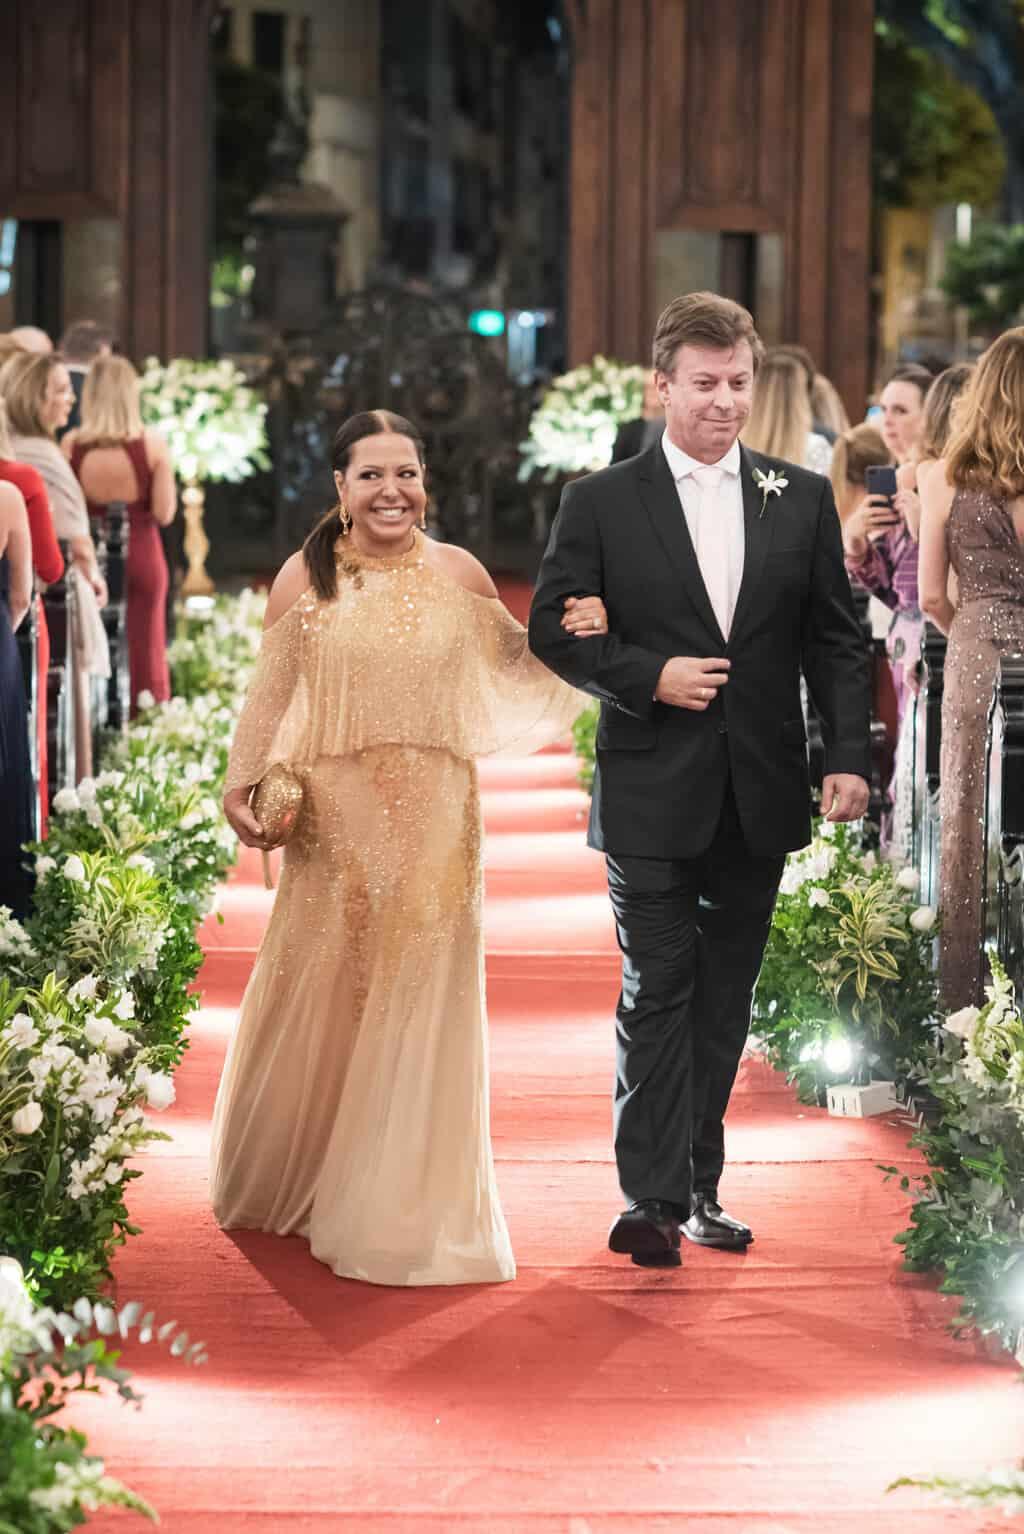 casamento-Karynna-e-Fernando-cerimonia-na-igreja-cerimonial-TCD-Eventos-fotografia-Marina-Fava-Igreja-São-Francisco-de-Paula29